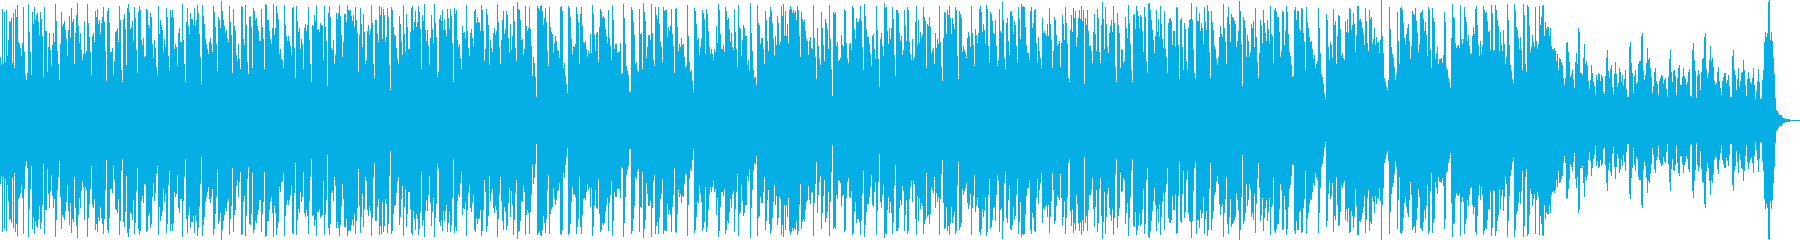 ダンサブルでファニーなアコギインストの再生済みの波形